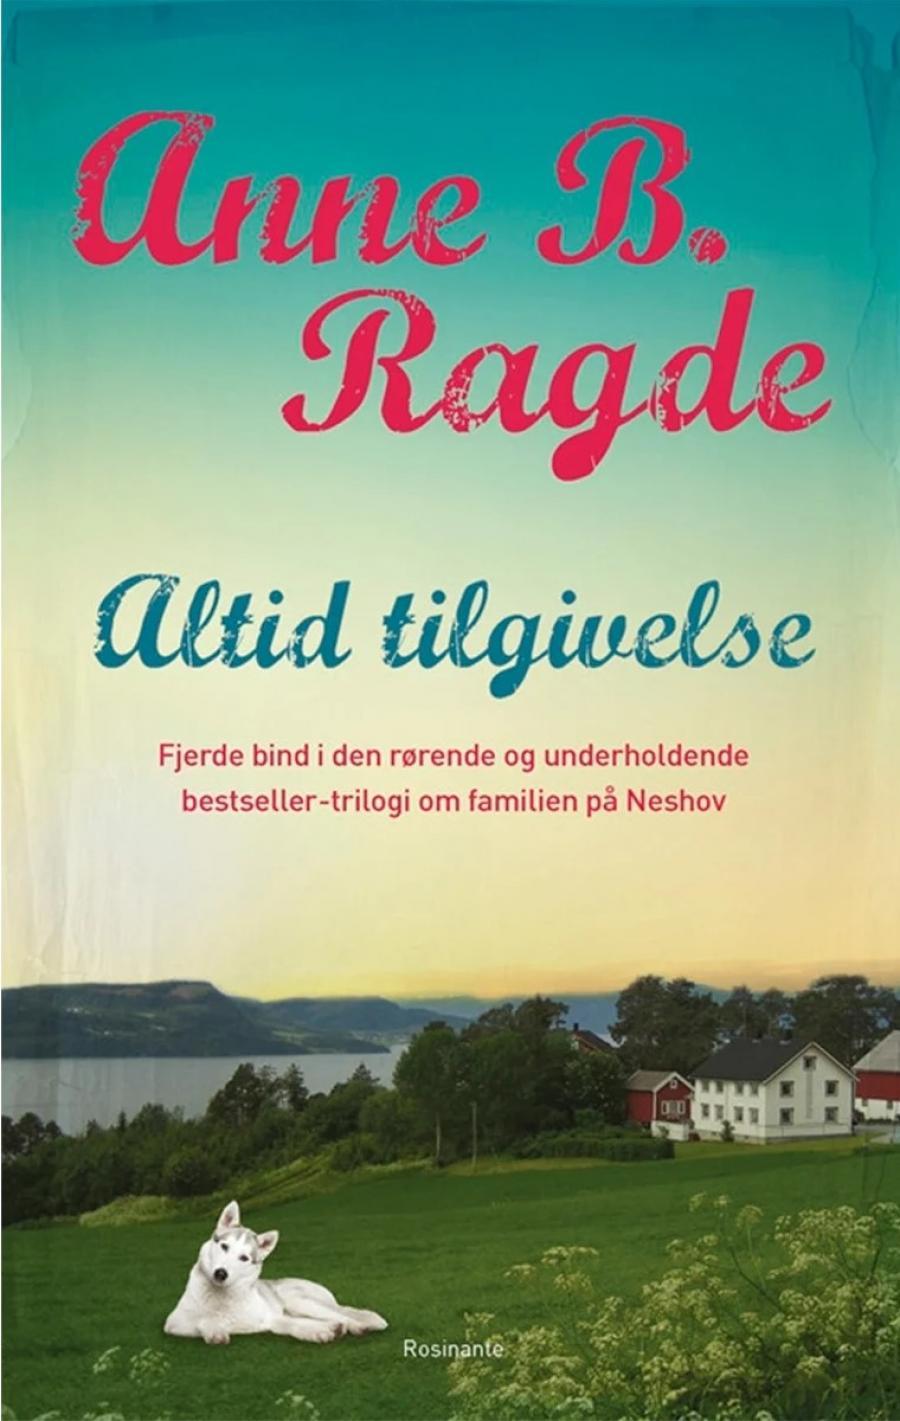 """Forside til bogen """"Altid tilgivelse"""" af Anne B. Ragde"""